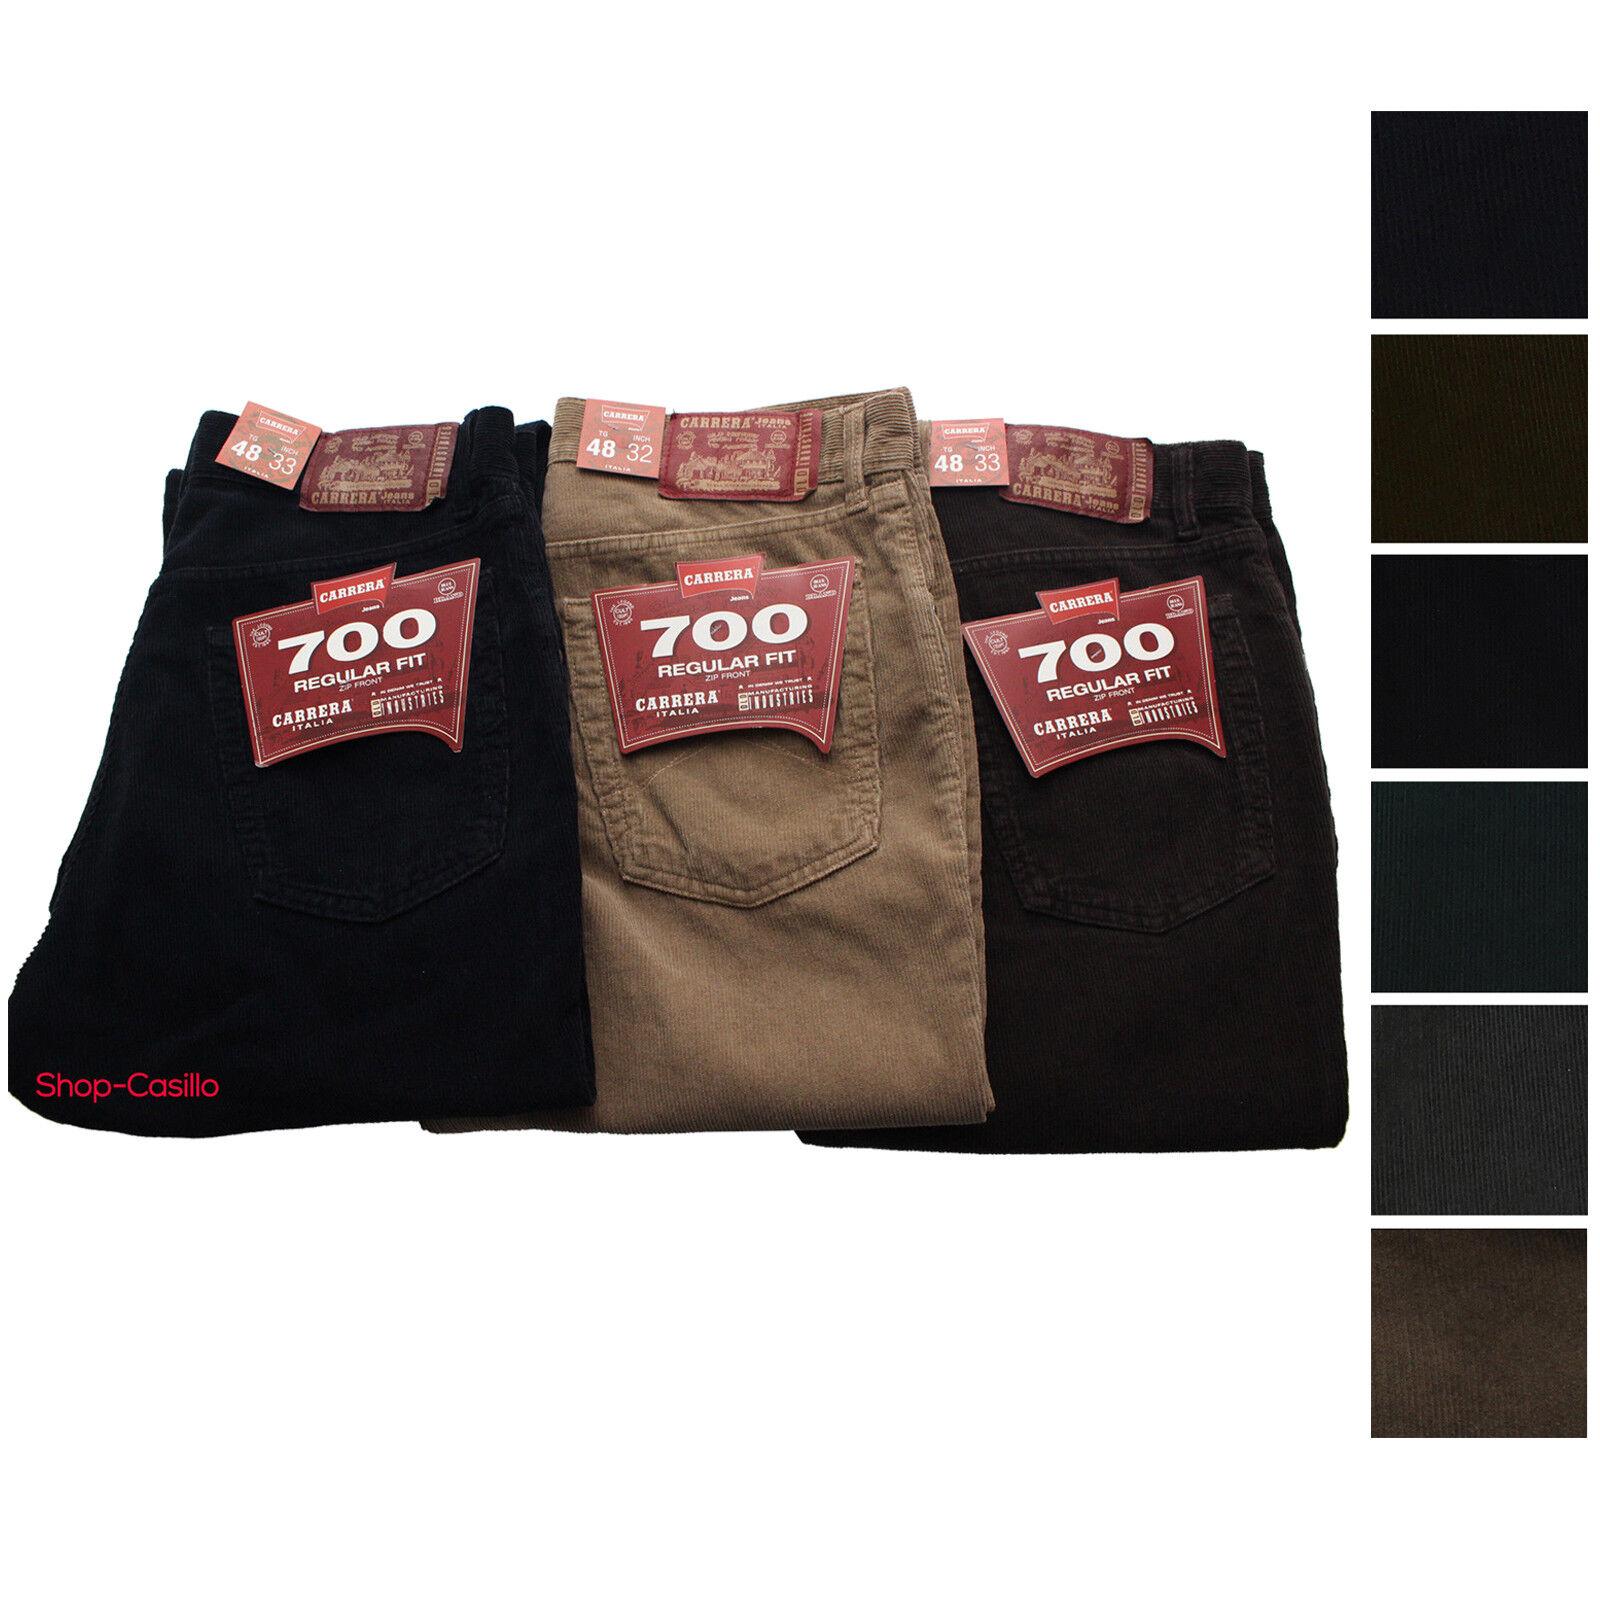 Velluto Pantalone Carrera 700 Jeans men Cinque Tasche colorato Millerighe 46 62